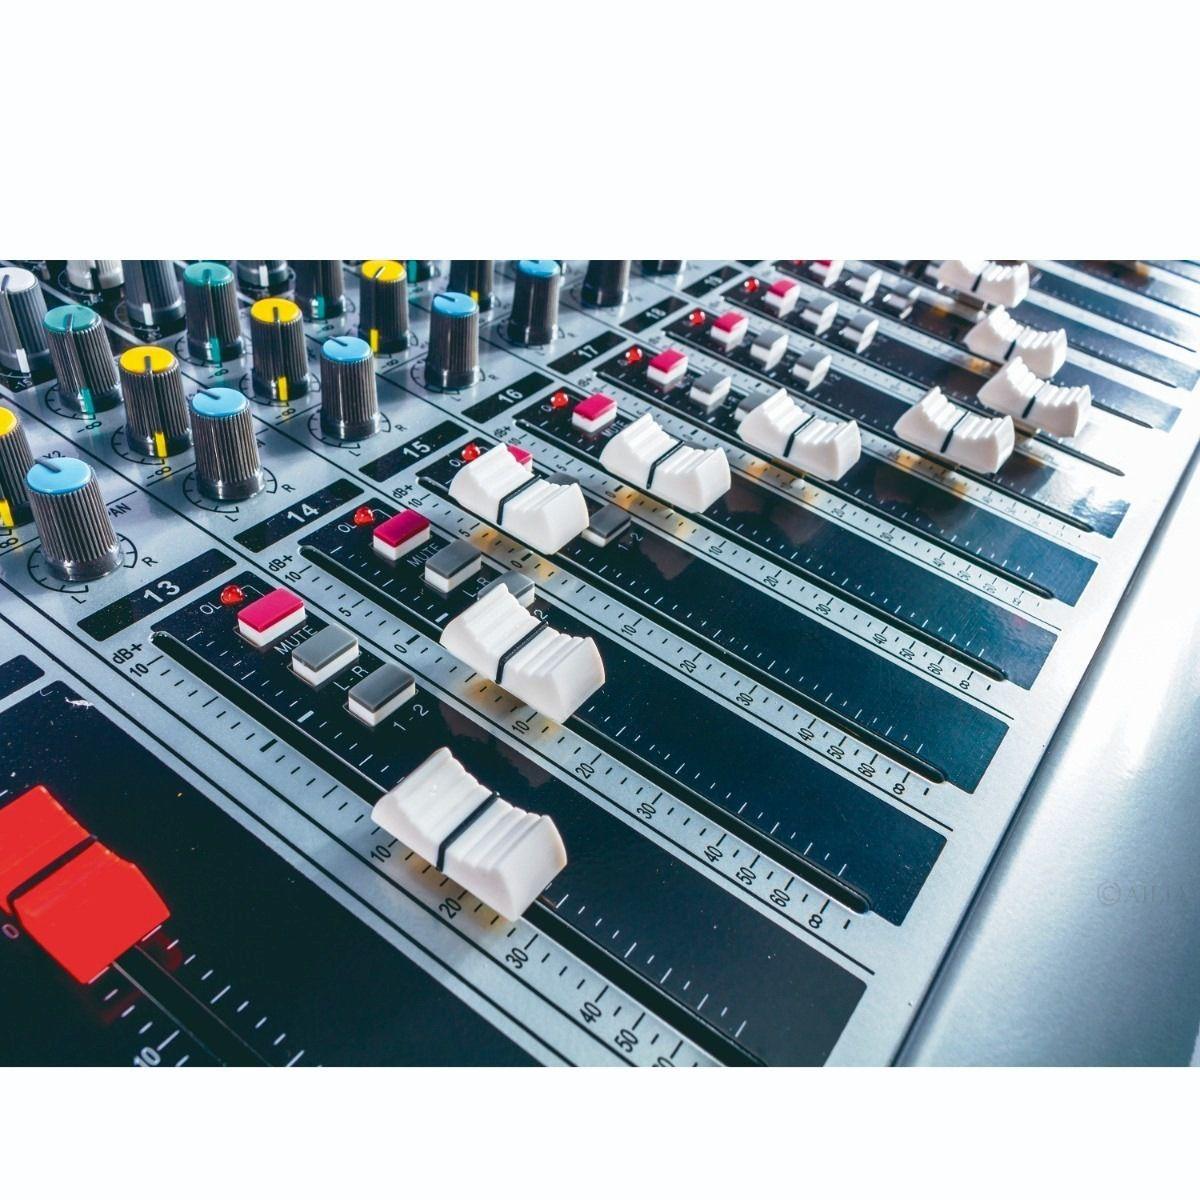 Mesa De Som 24 Canais Dj Auxiliar Digital Microfones Violão